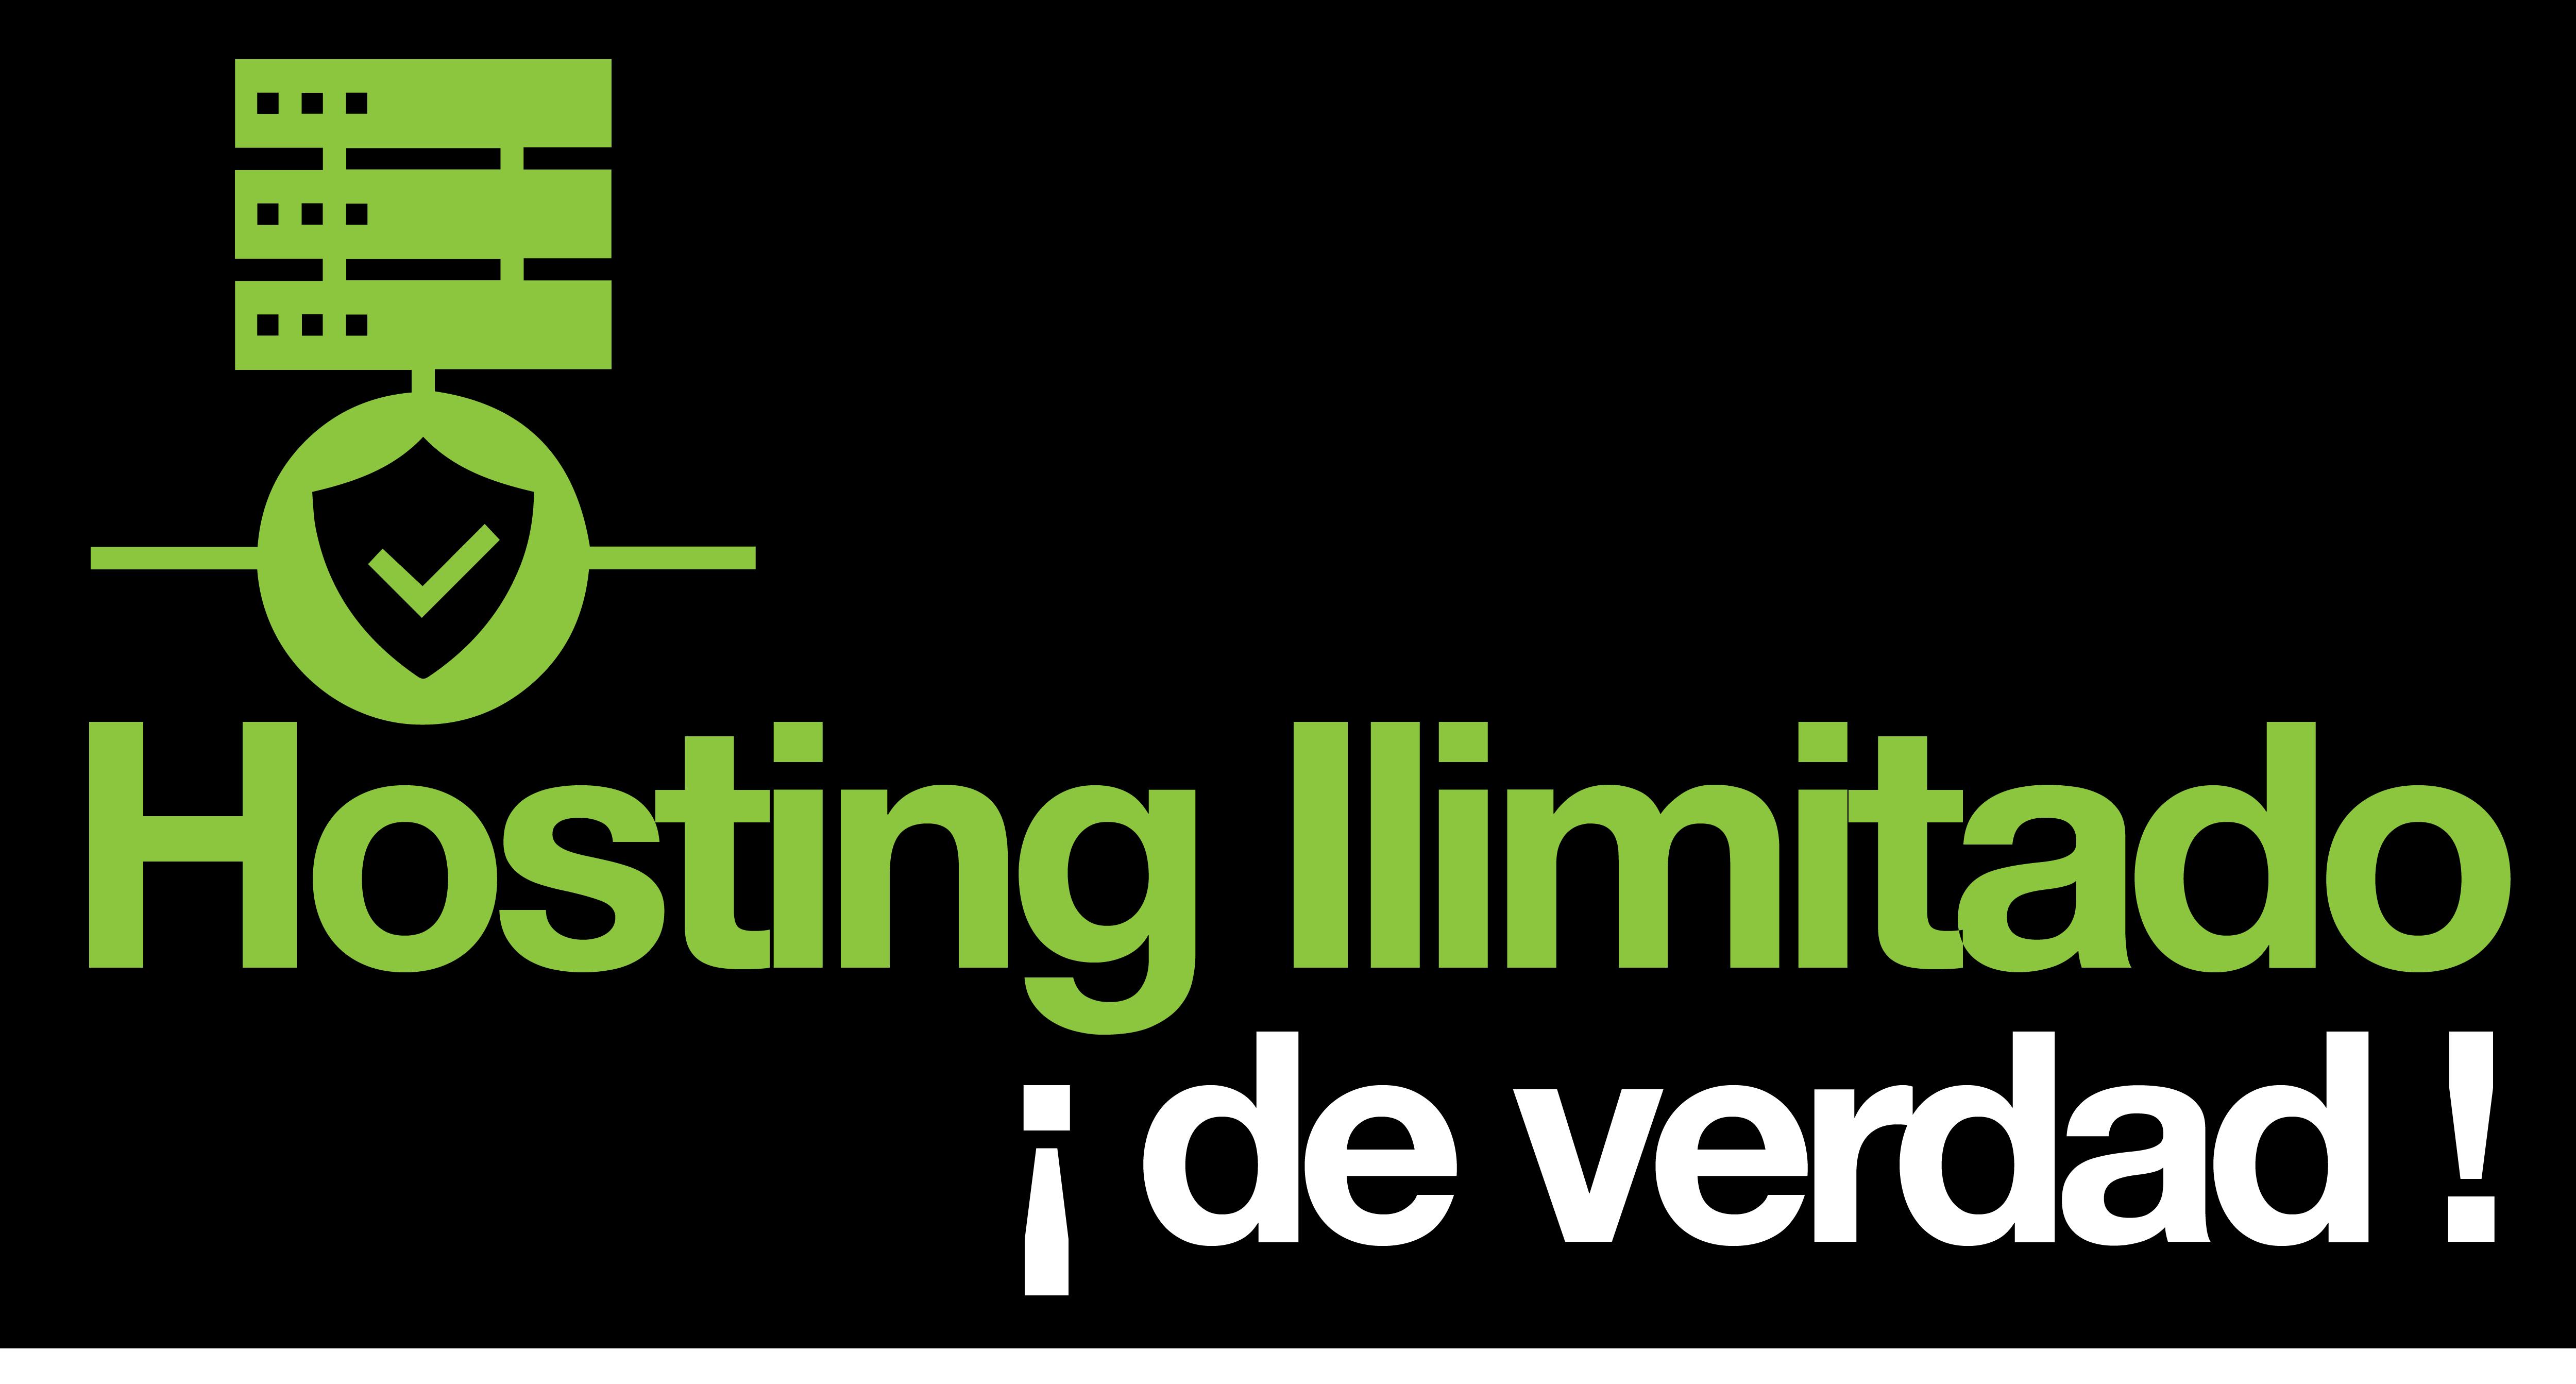 HOSTING ILIMITADO DE VERDAD